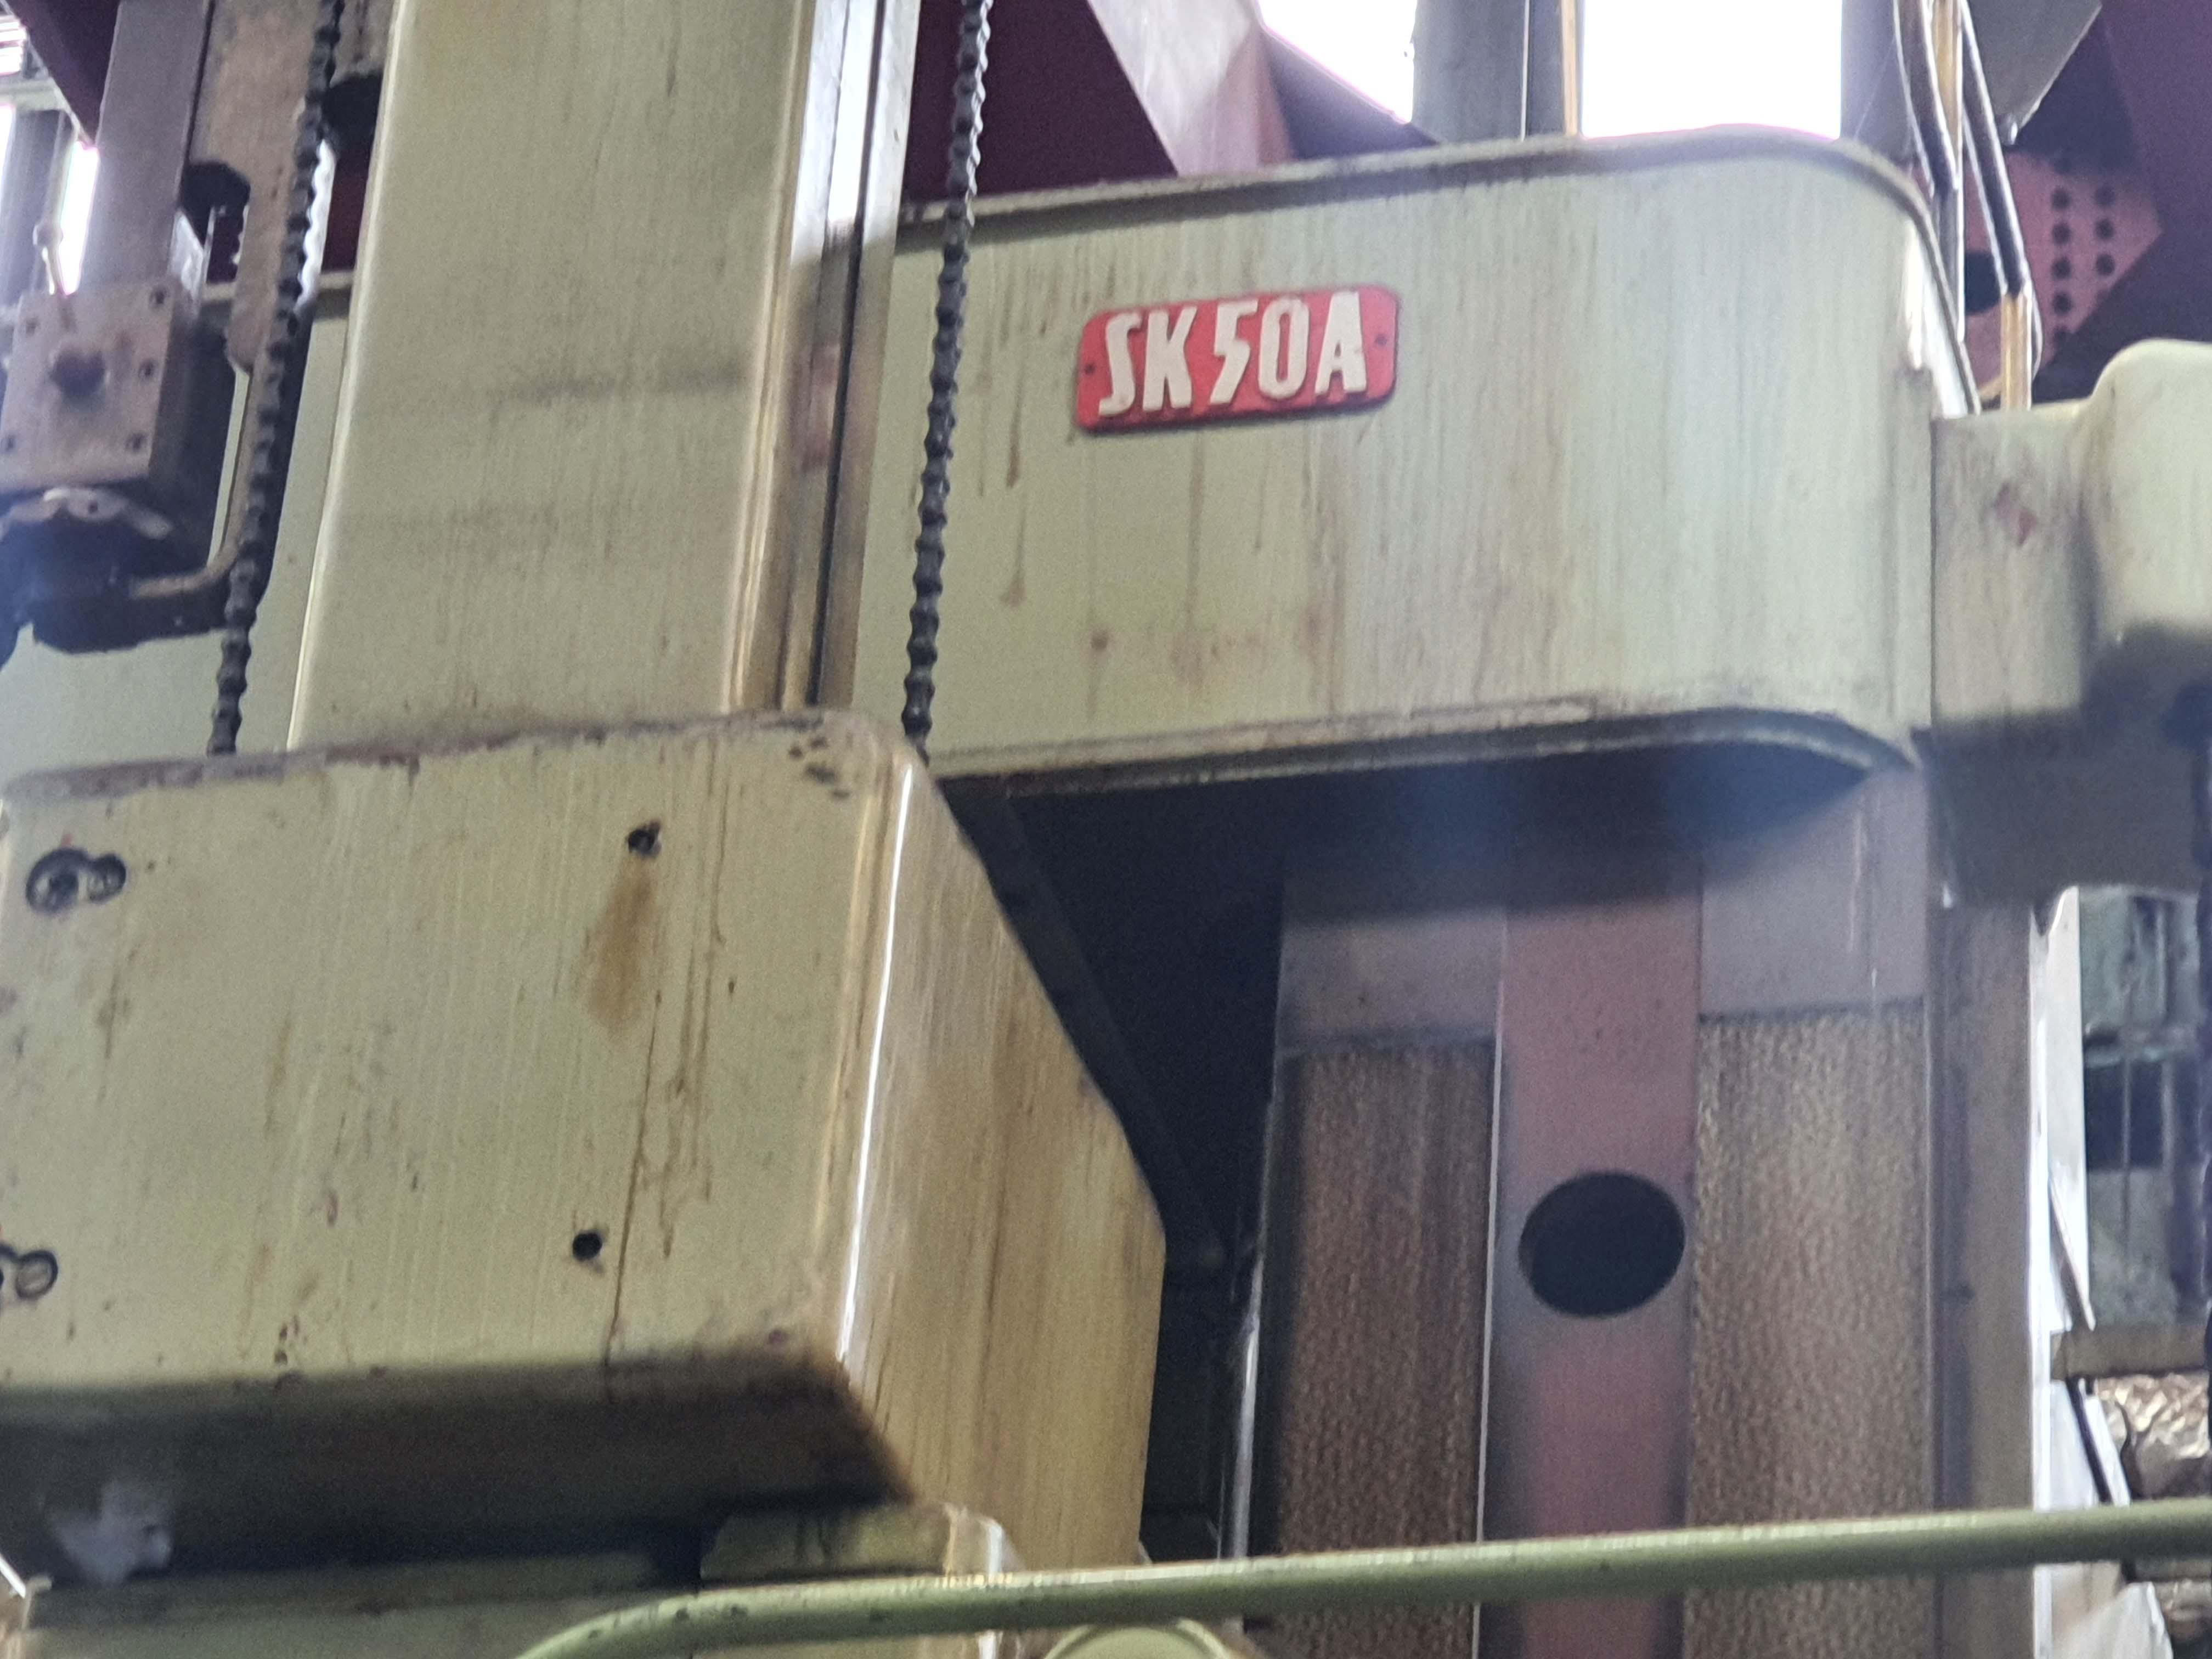 5553-sk50a.02